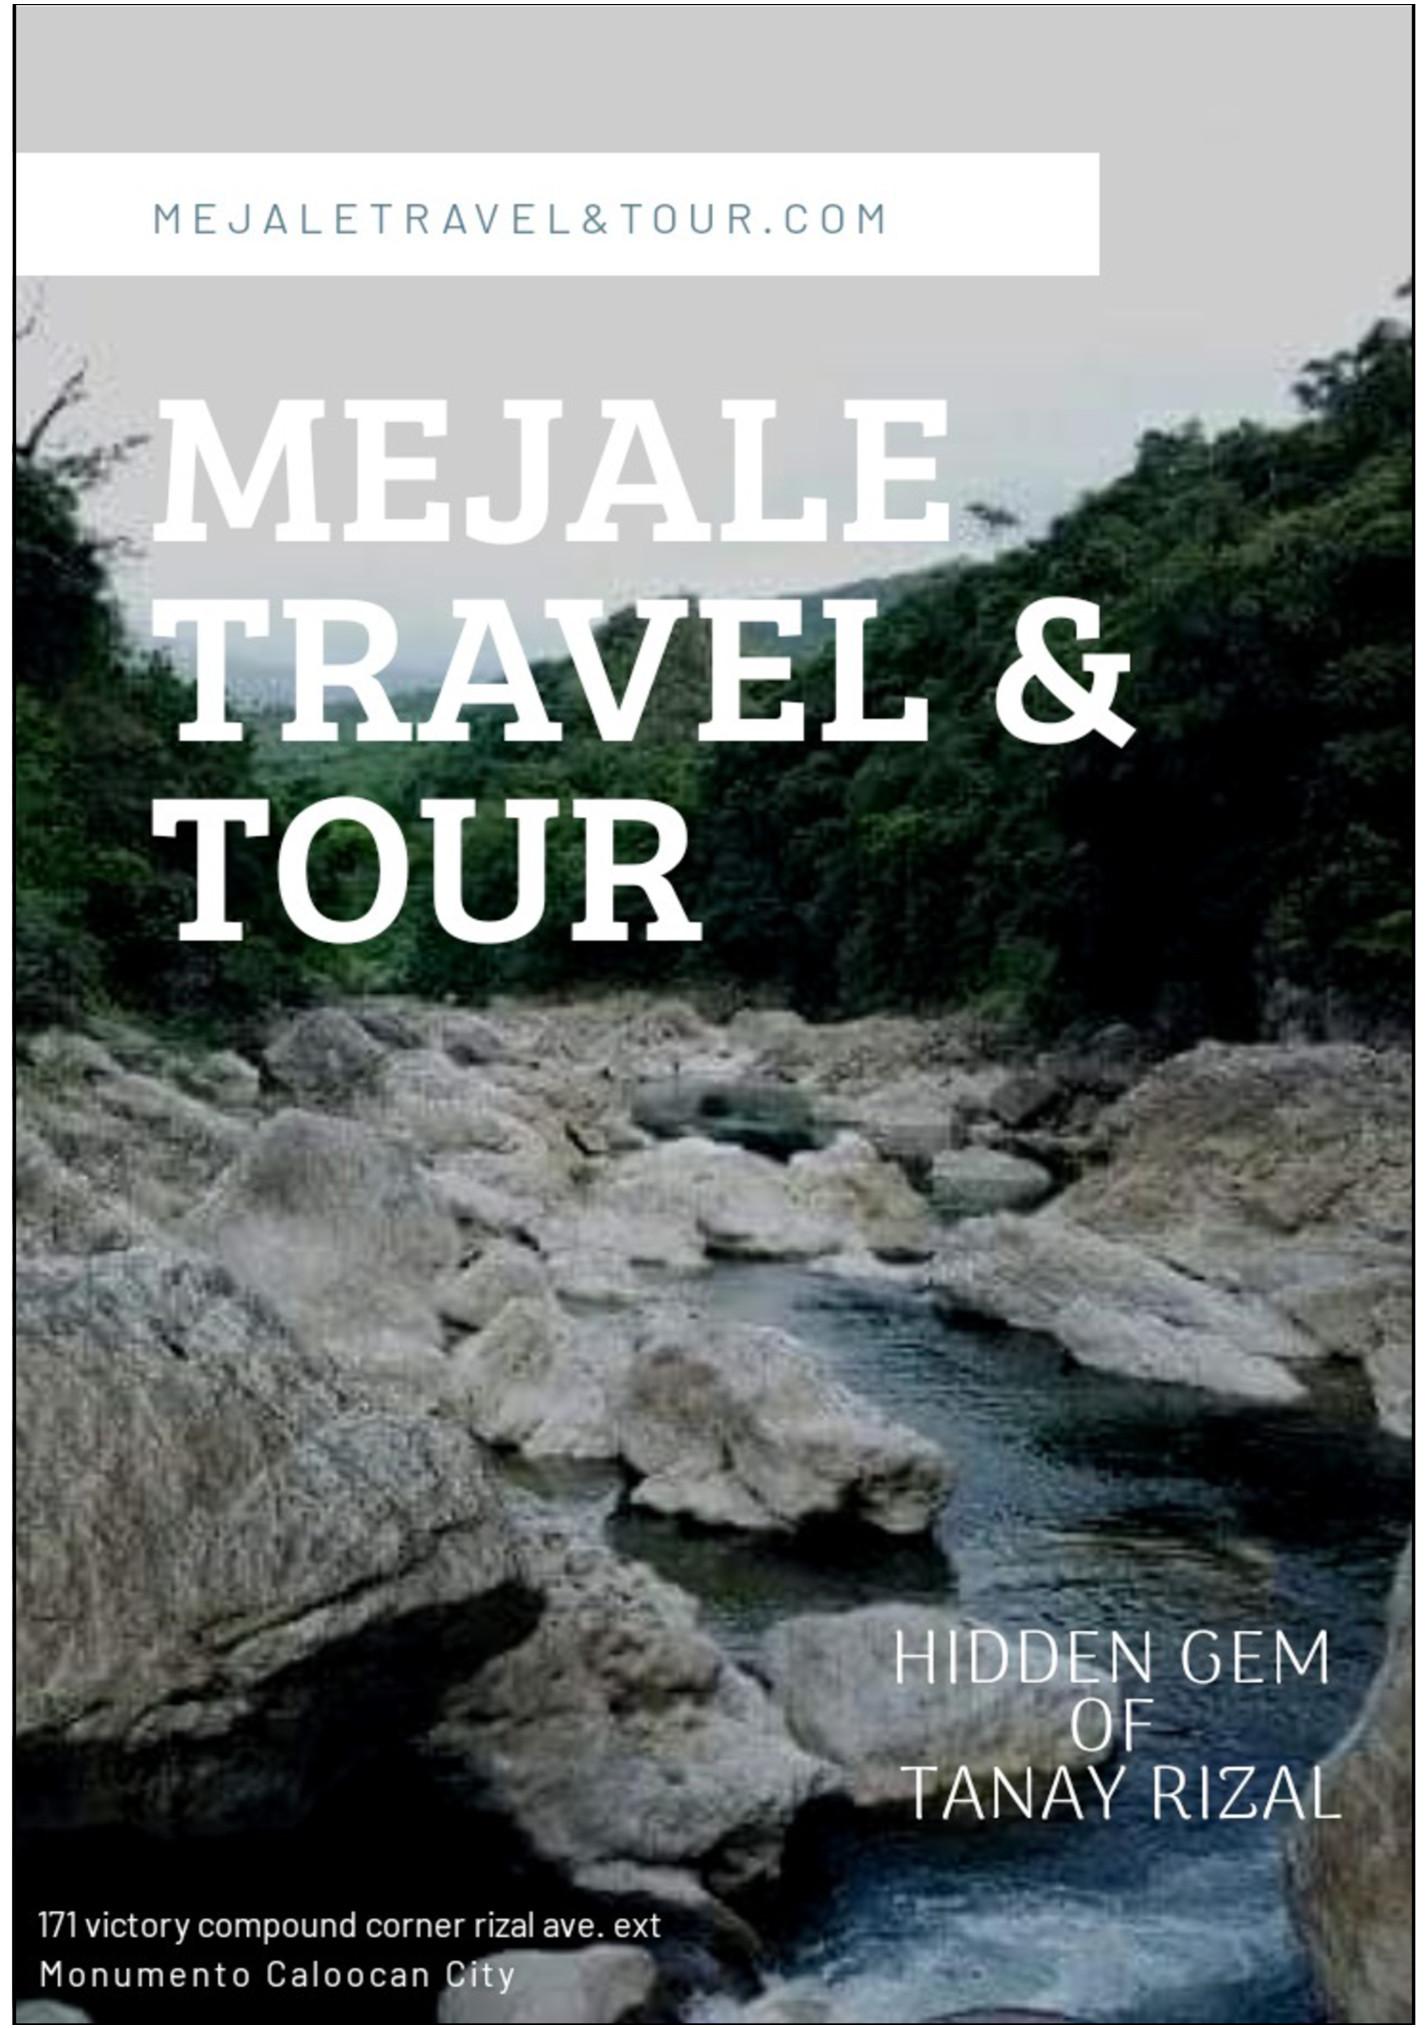 Mejale tourism